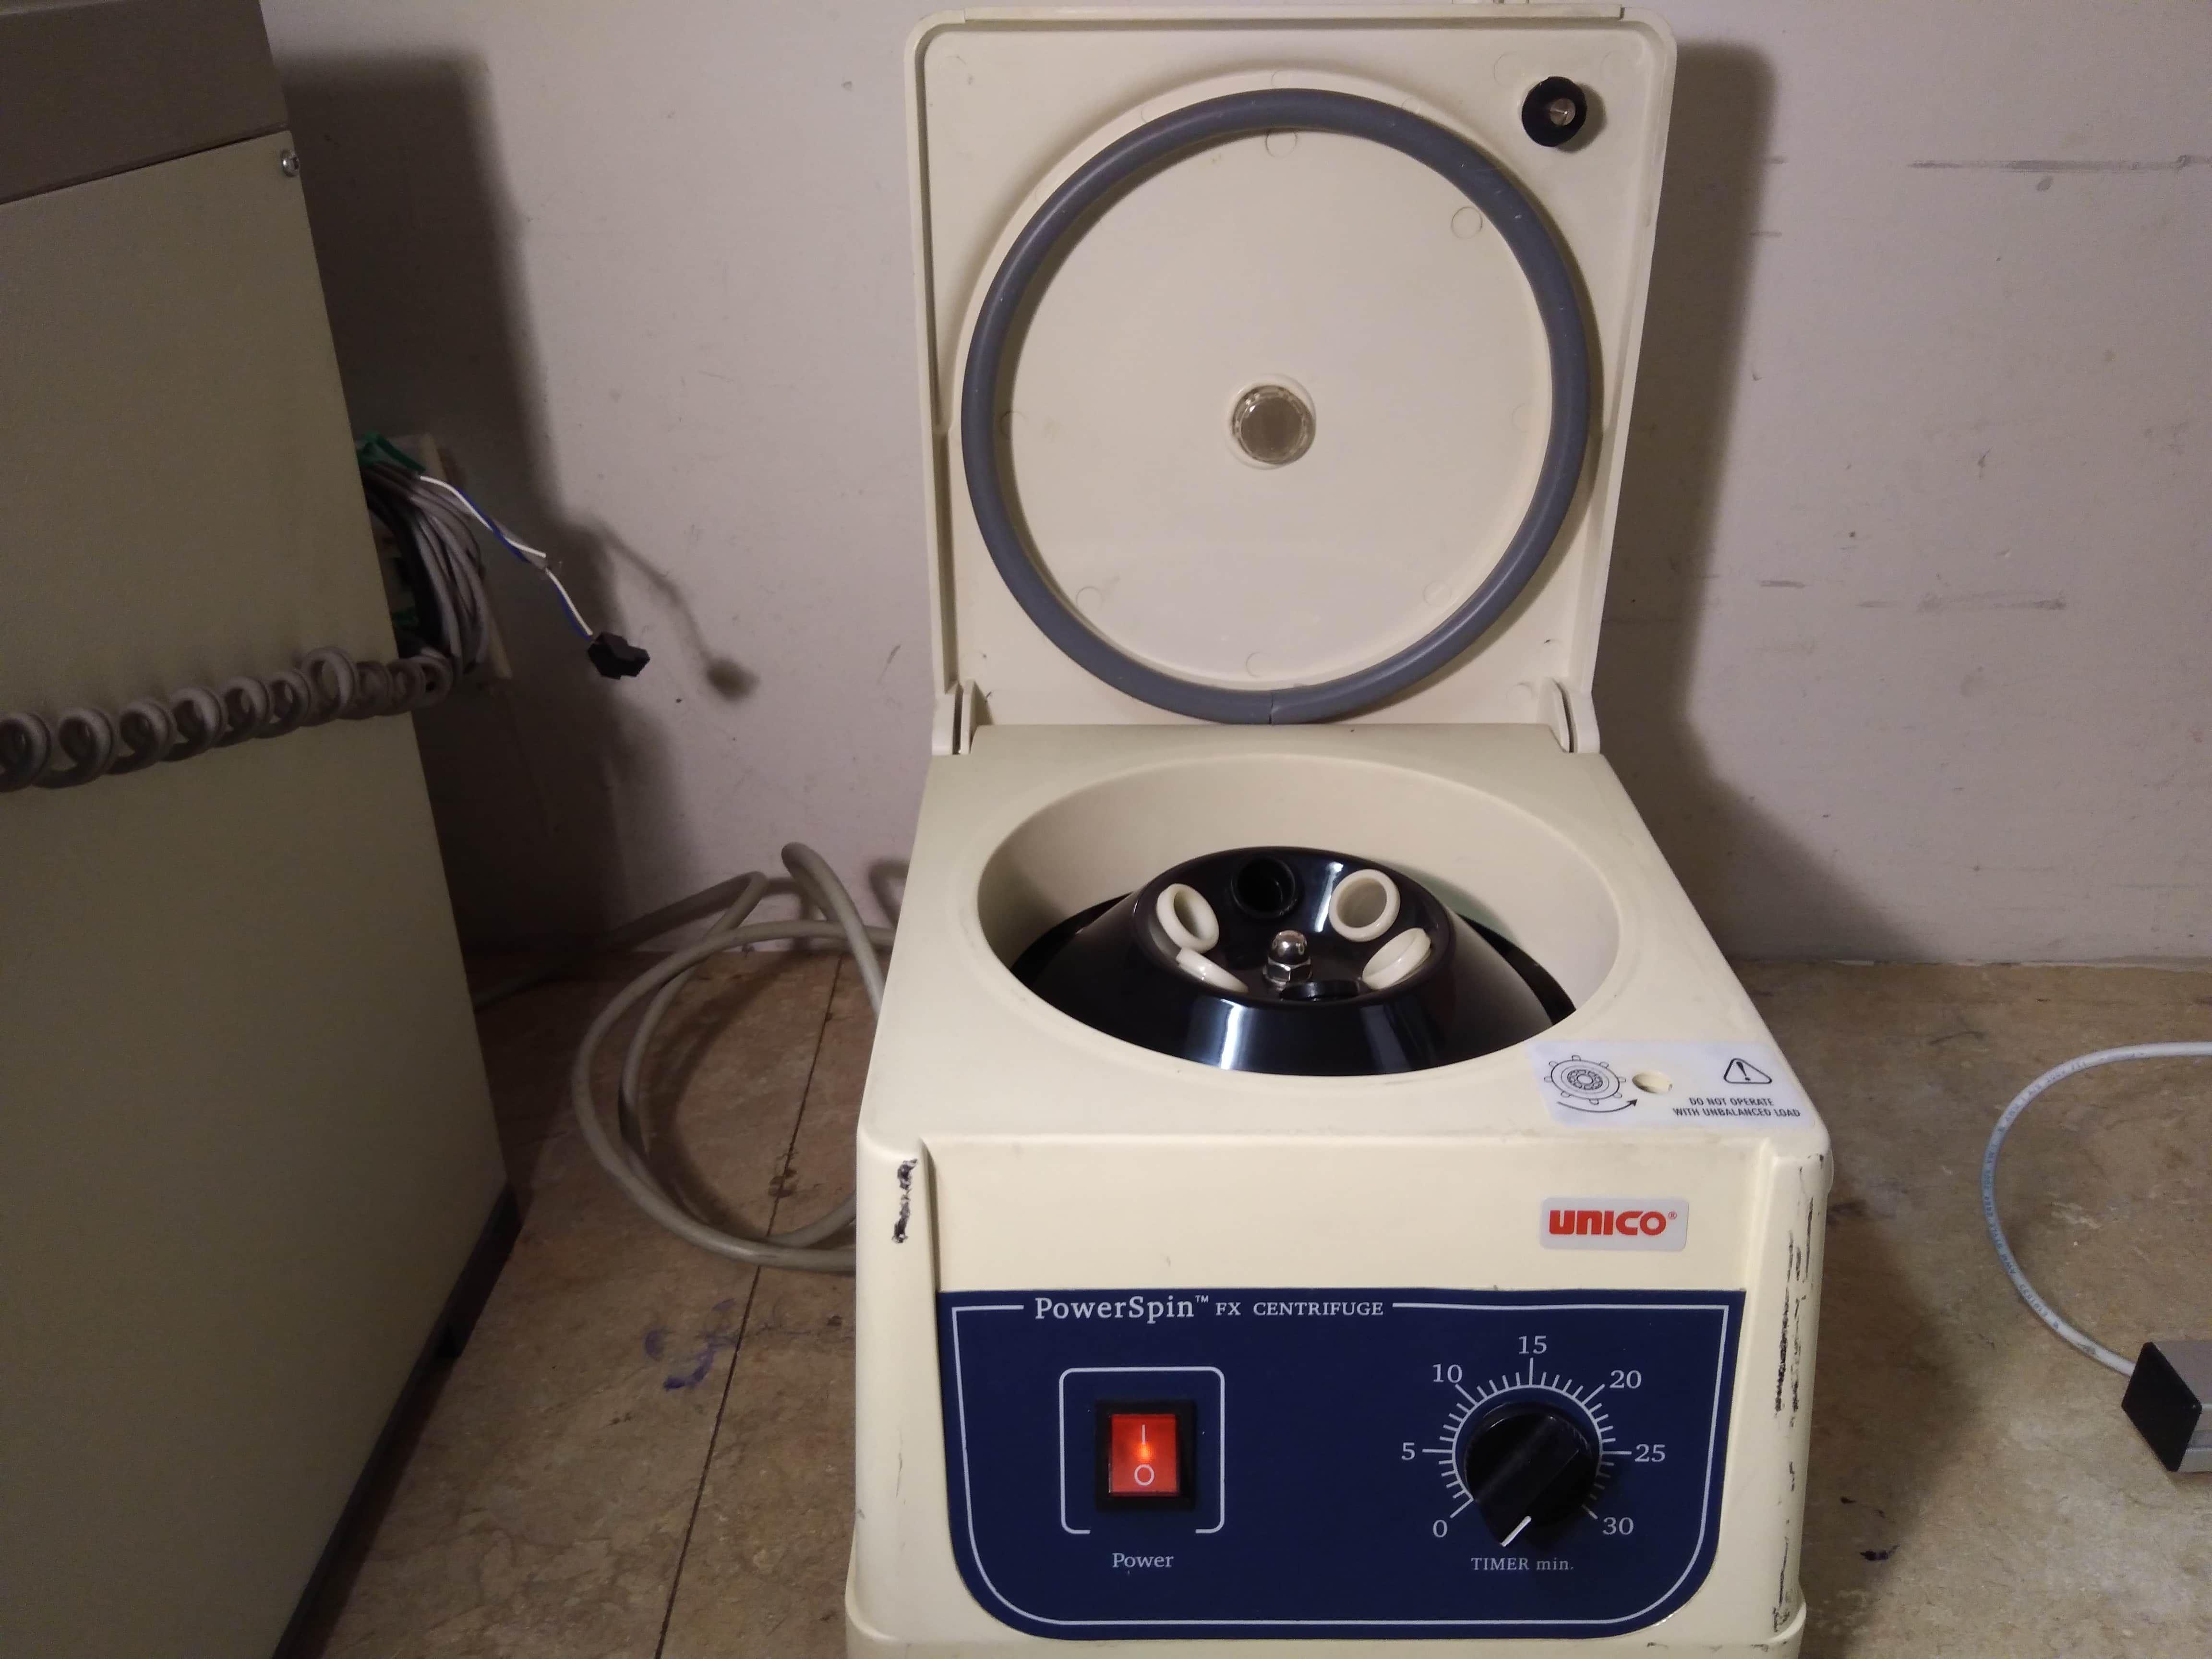 Unico PowerSpin FX Centrifuge C806 6 X 10 ml 3400 rpm